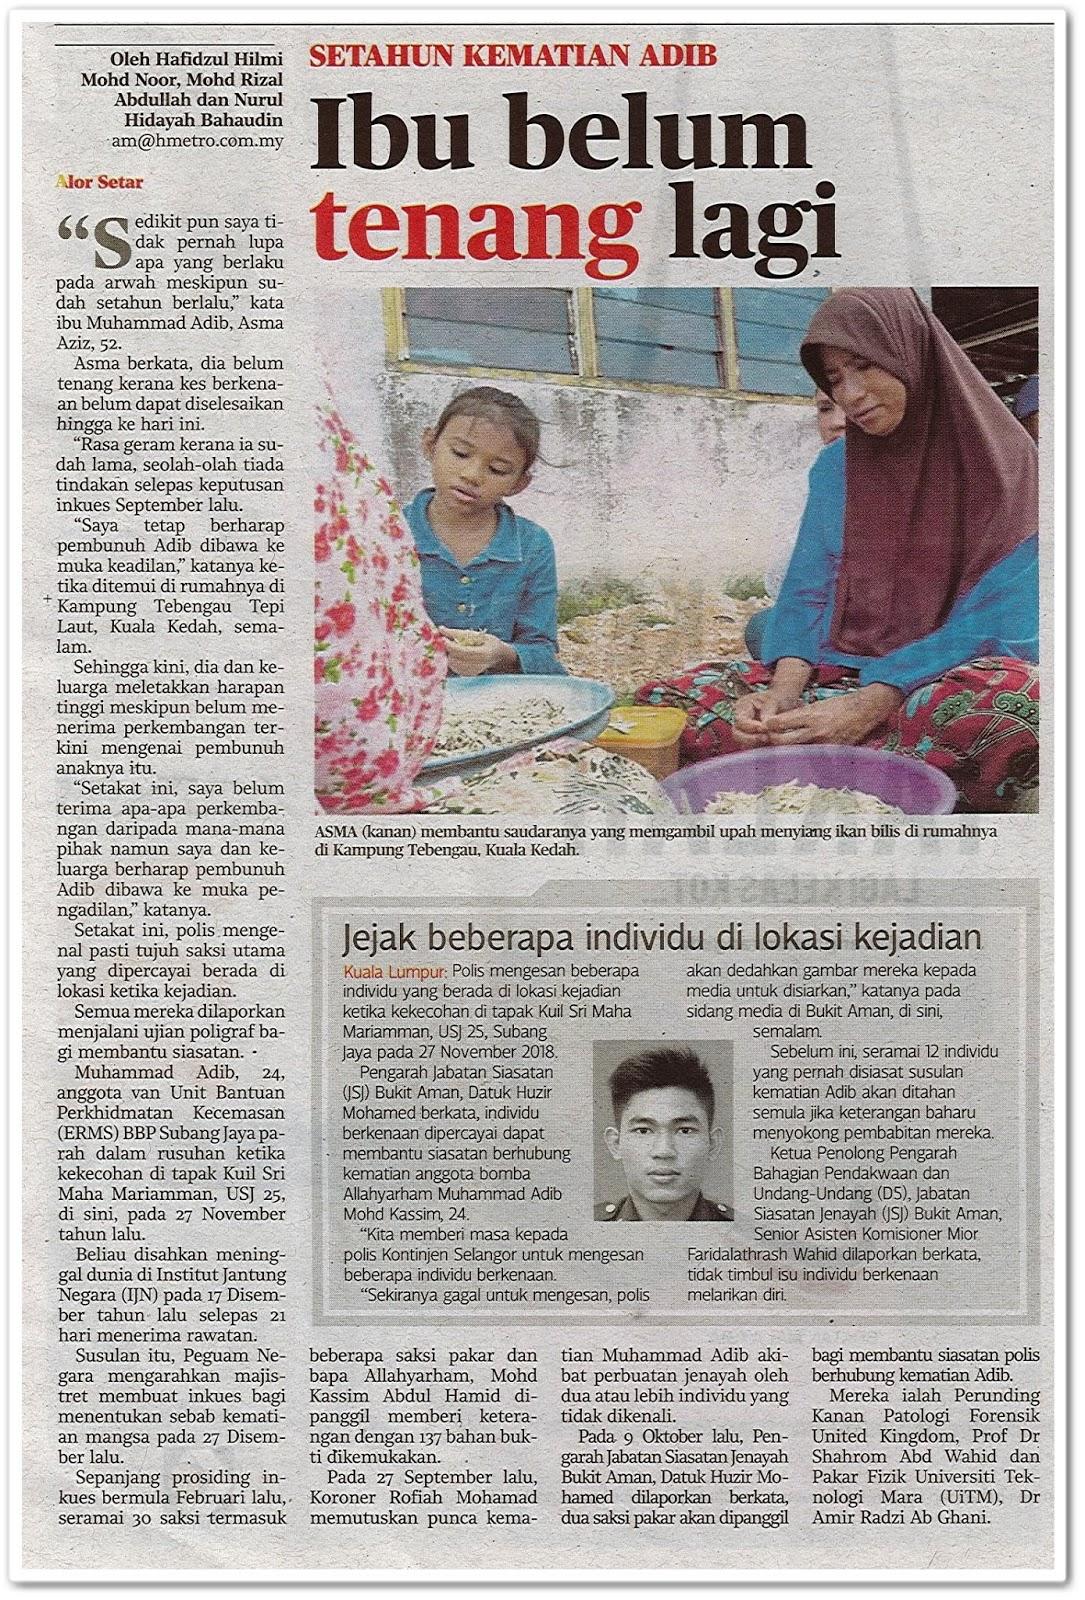 Ibu masih belum tenang lagi ; setahun kematian Adib - Keratan akhbar Harian Metro 28 November 2019